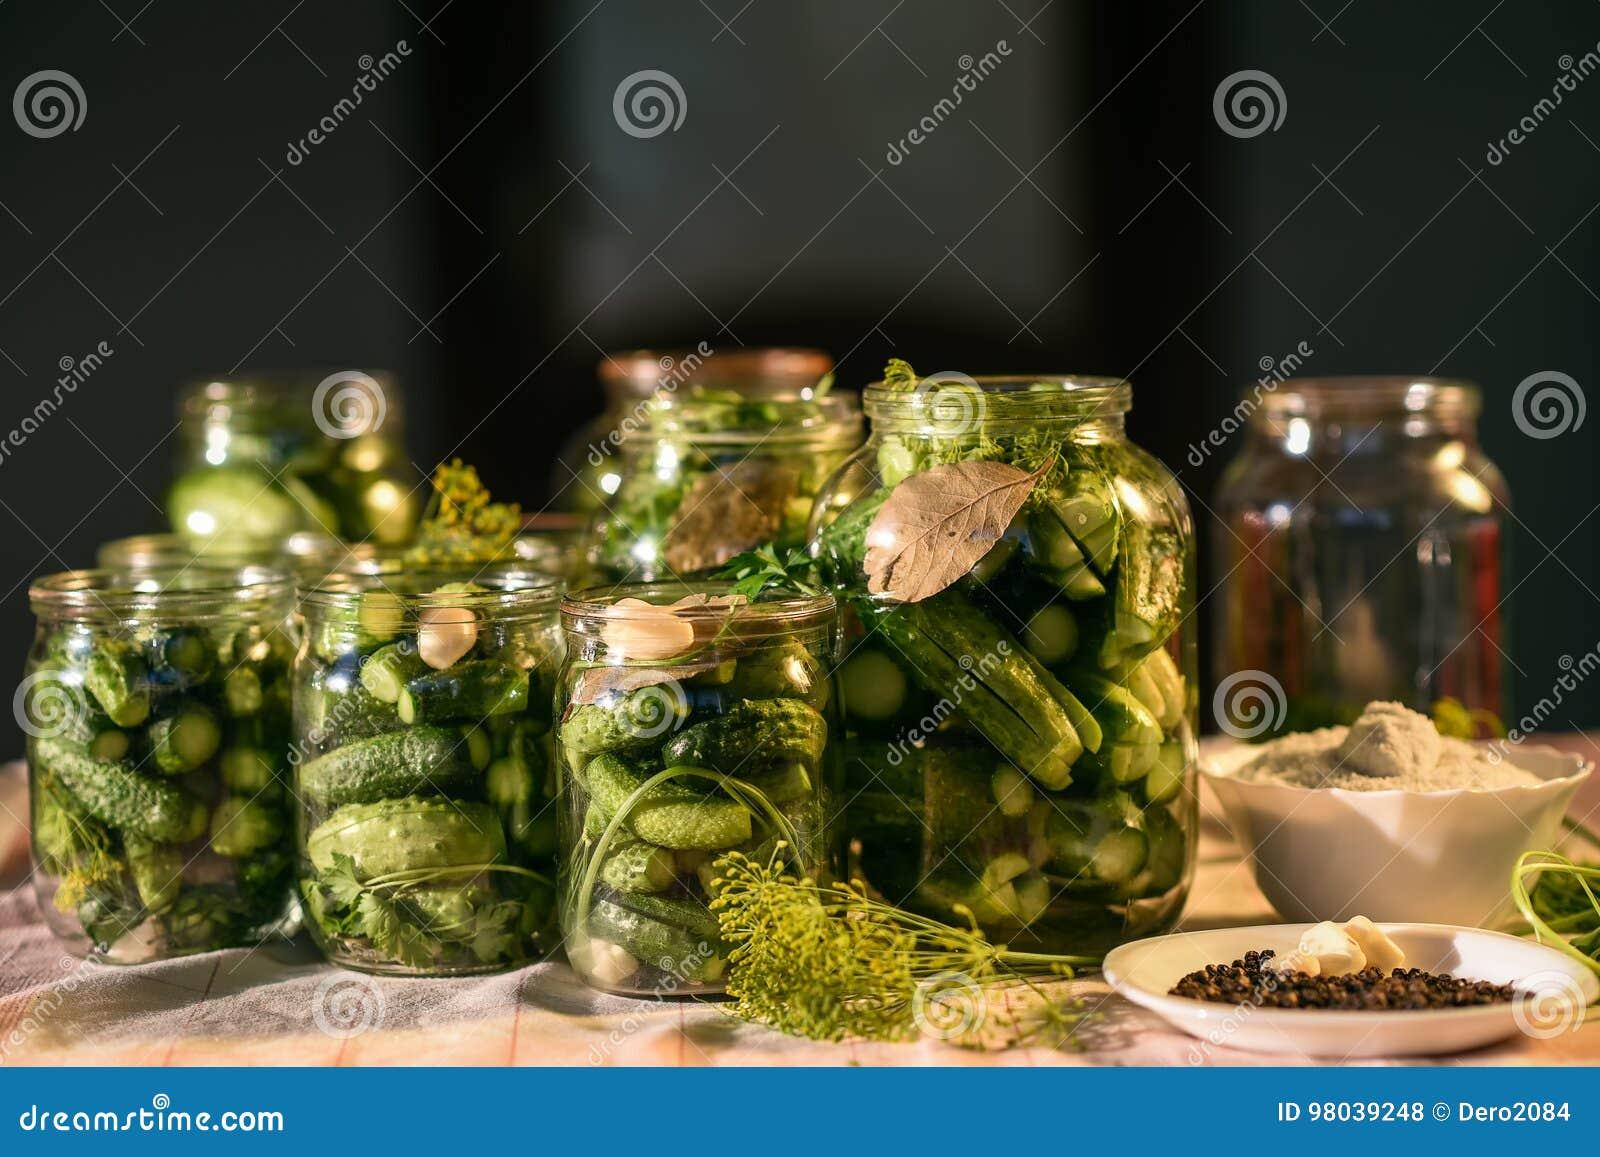 O processo de preparação de pepinos salgados para enlatar, Ucrânia